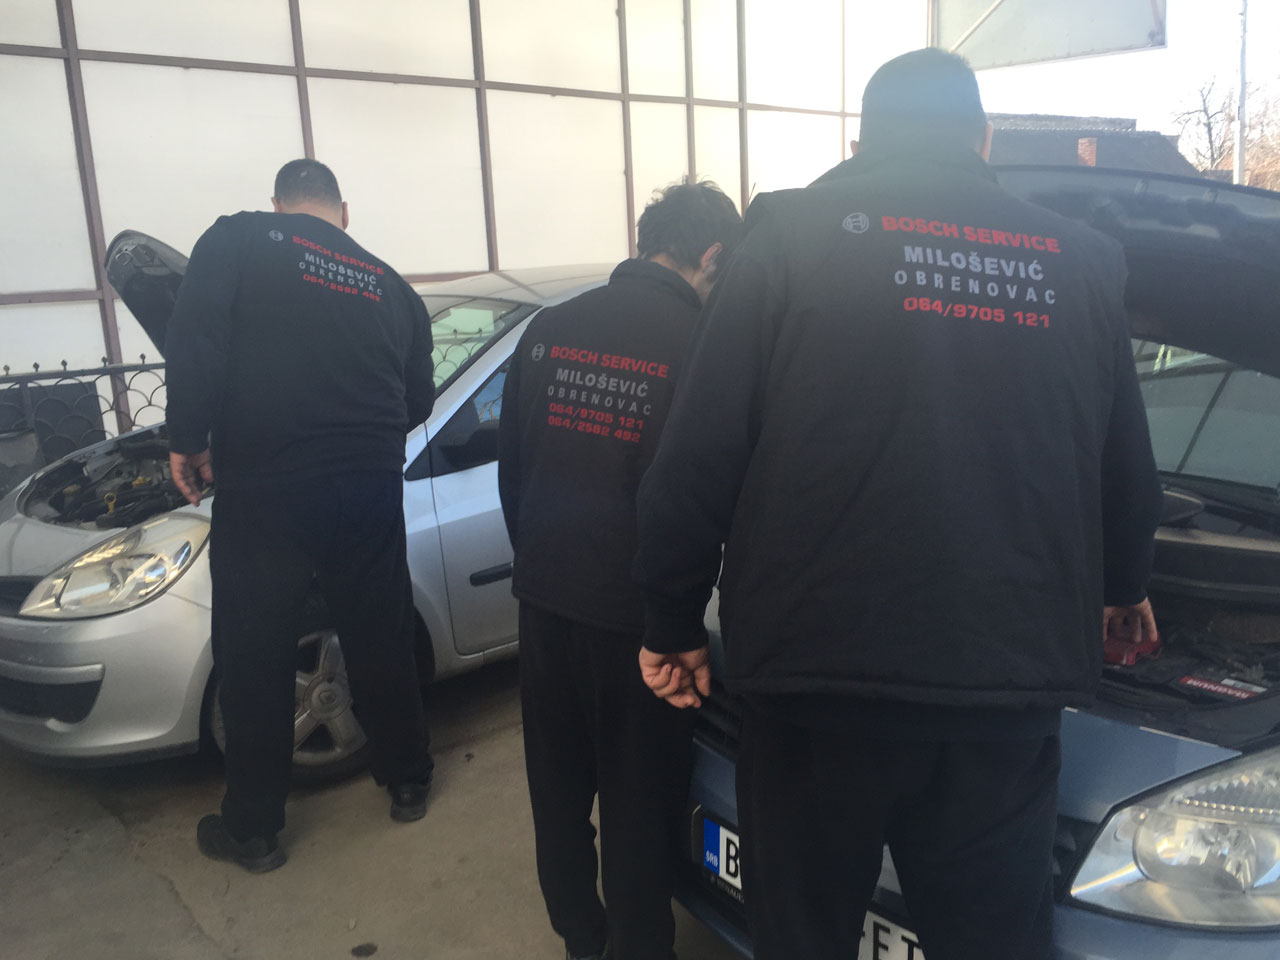 DIZEL SERVIS MILOŠEVIĆ Auto servisi Obrenovac